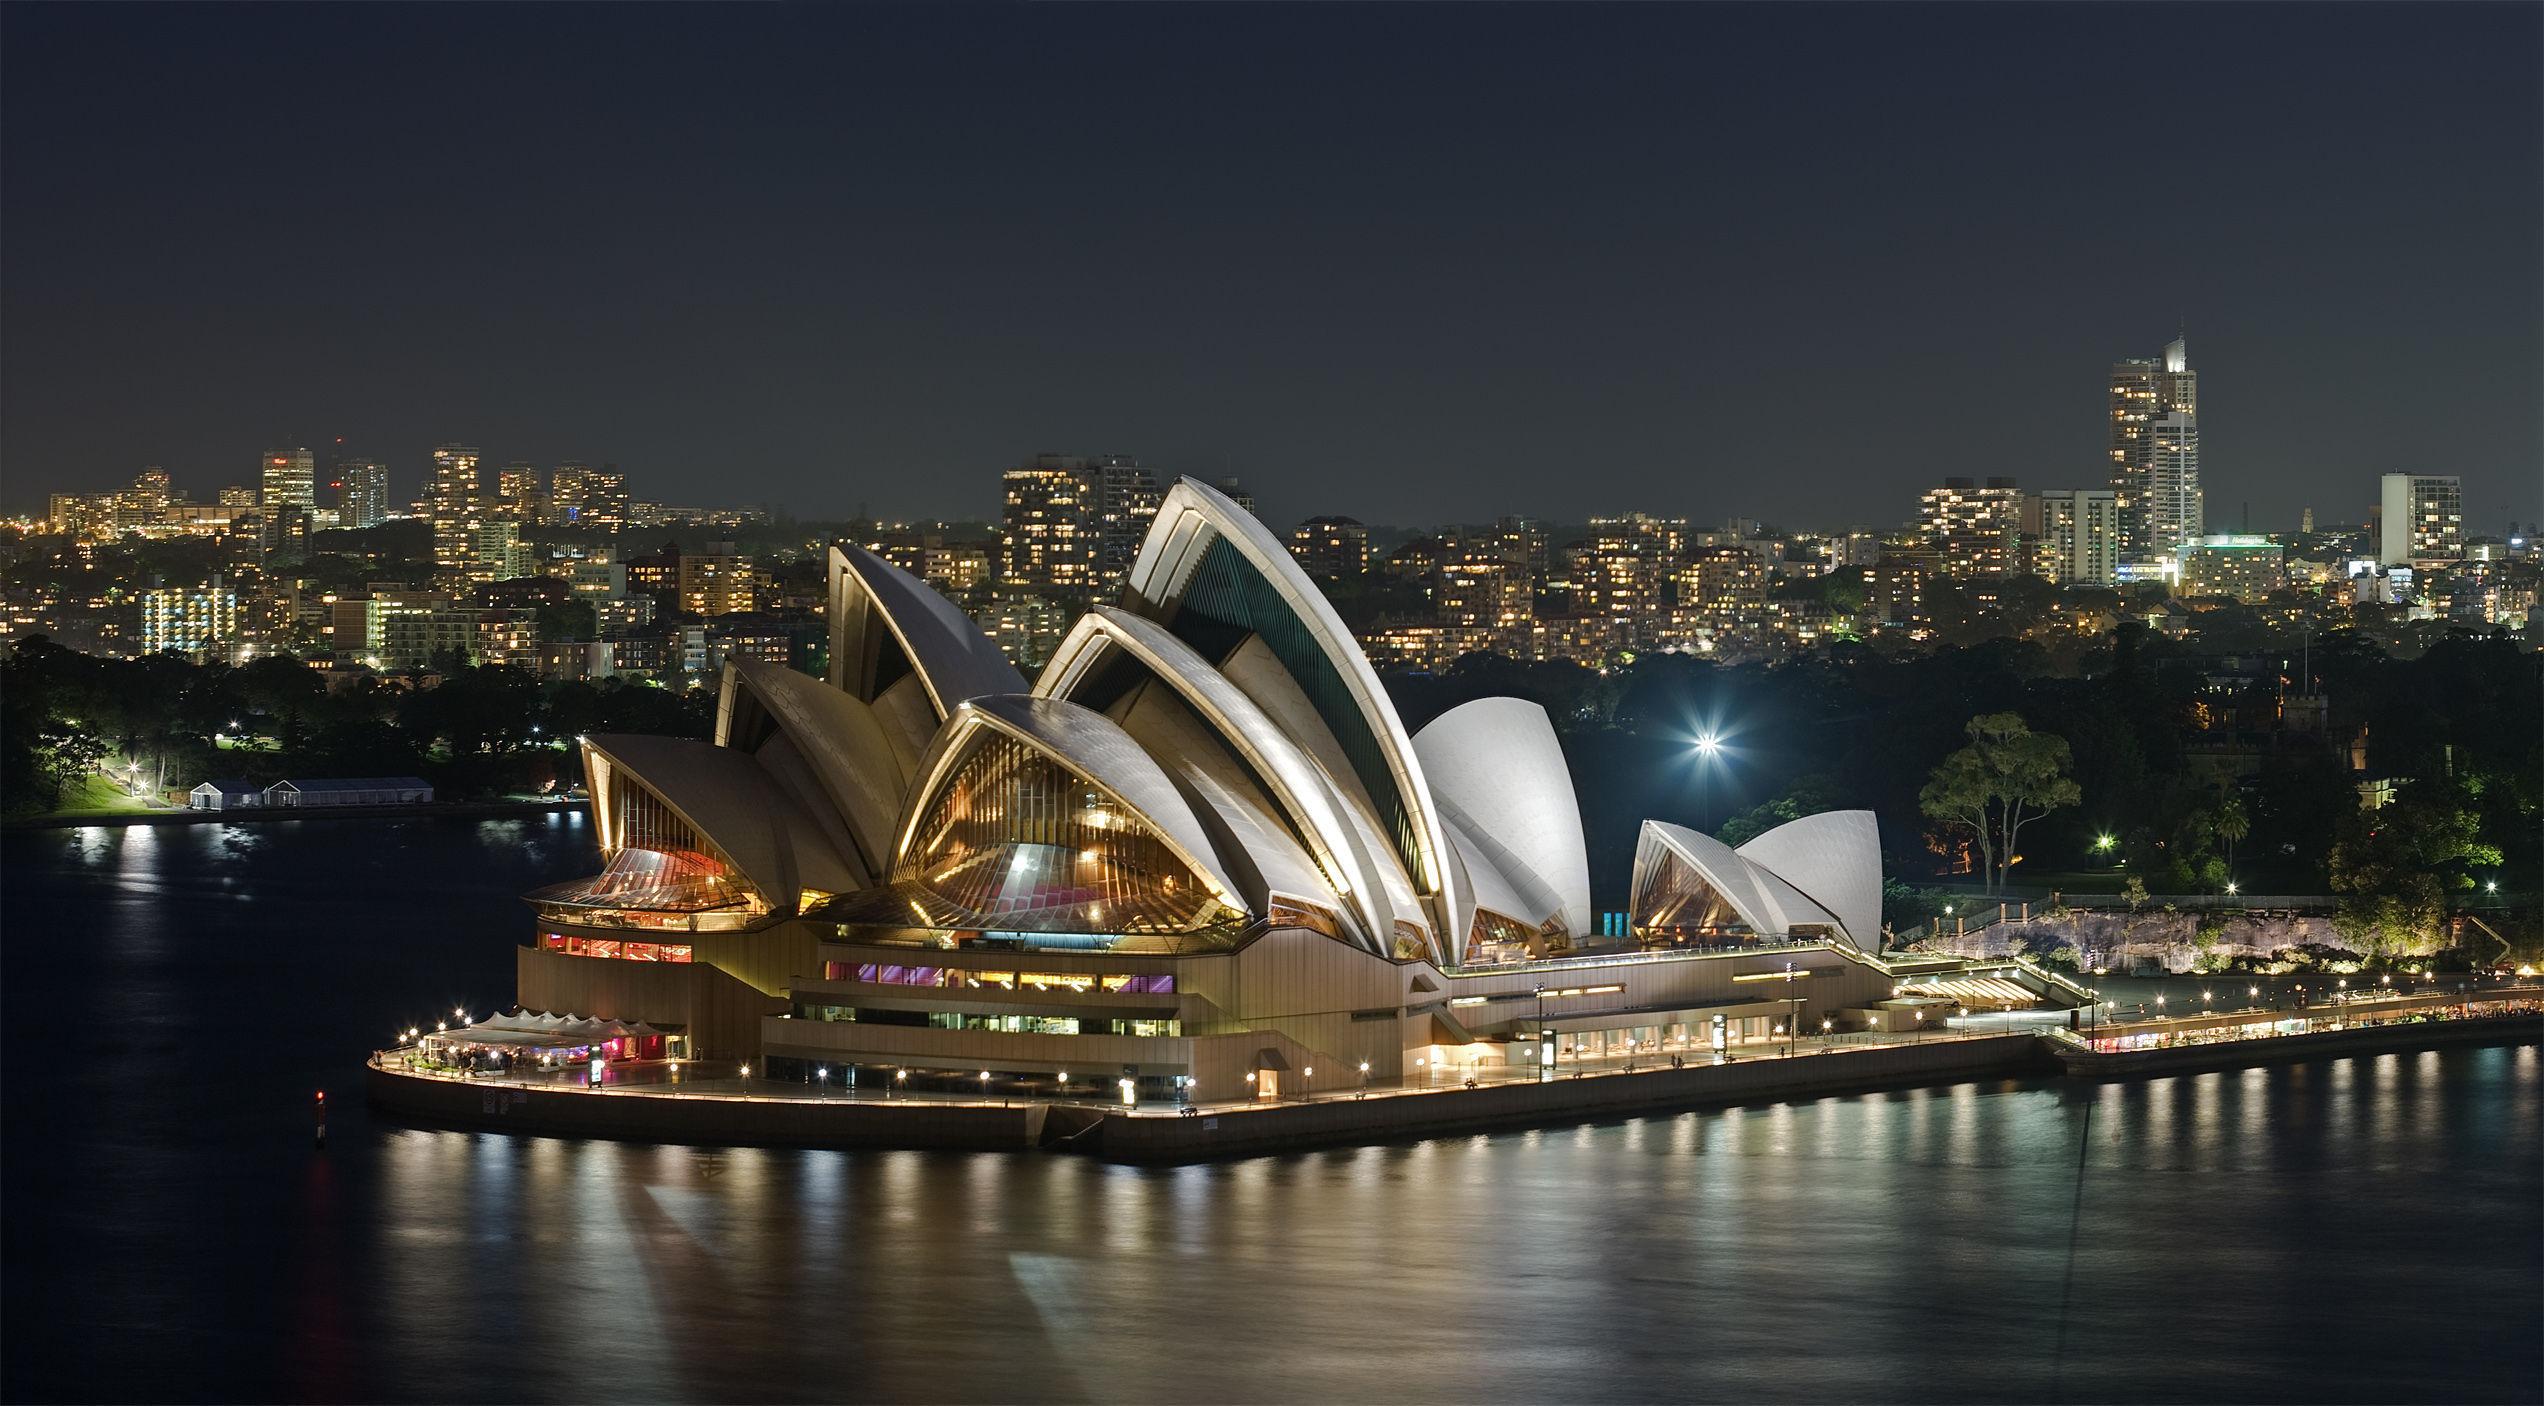 3497 - Fotos y lugares de las ciudades del mundo. ¿Puedes adivinar a qué ciudad pertenecen?